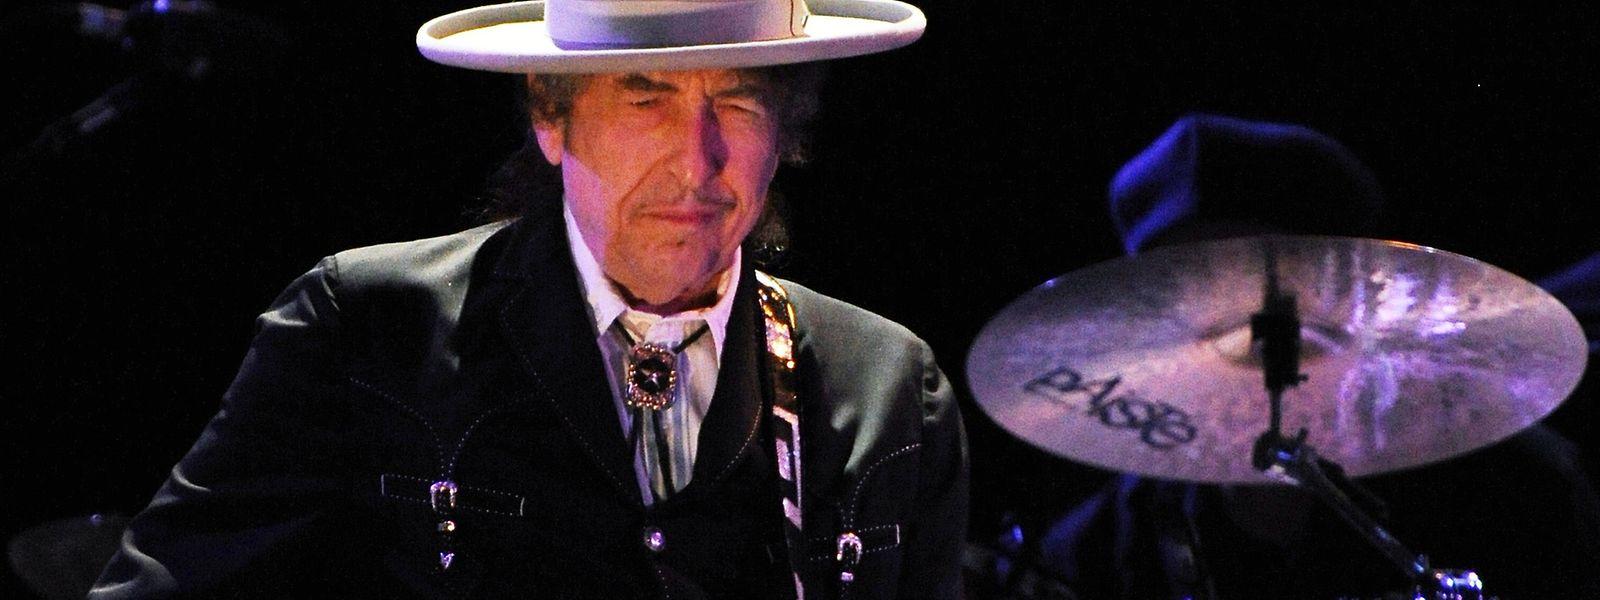 Bob Dylan war bereits dreimal in Luxemburg zu Gast: Im Juni 1996 in Oberkorn, im Oktober 2011 sowie im November 2013 in der Rockhal.